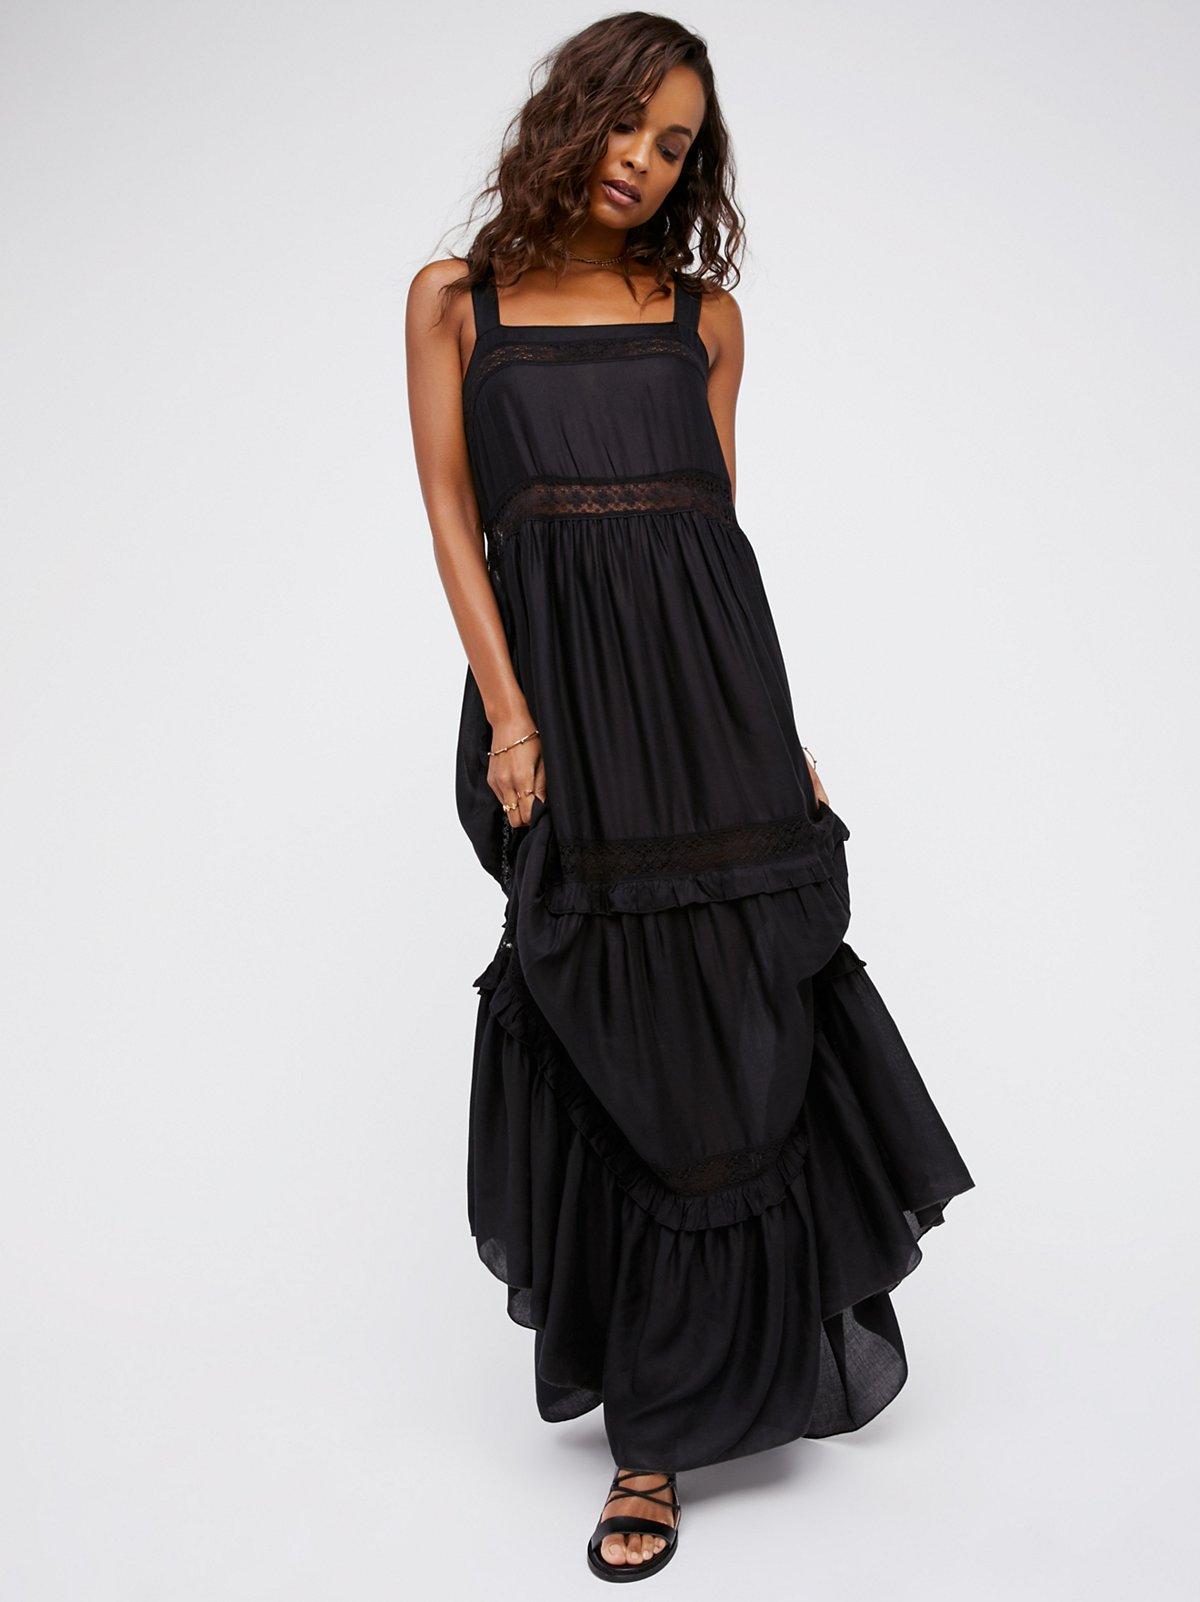 Simply田园风衬裙